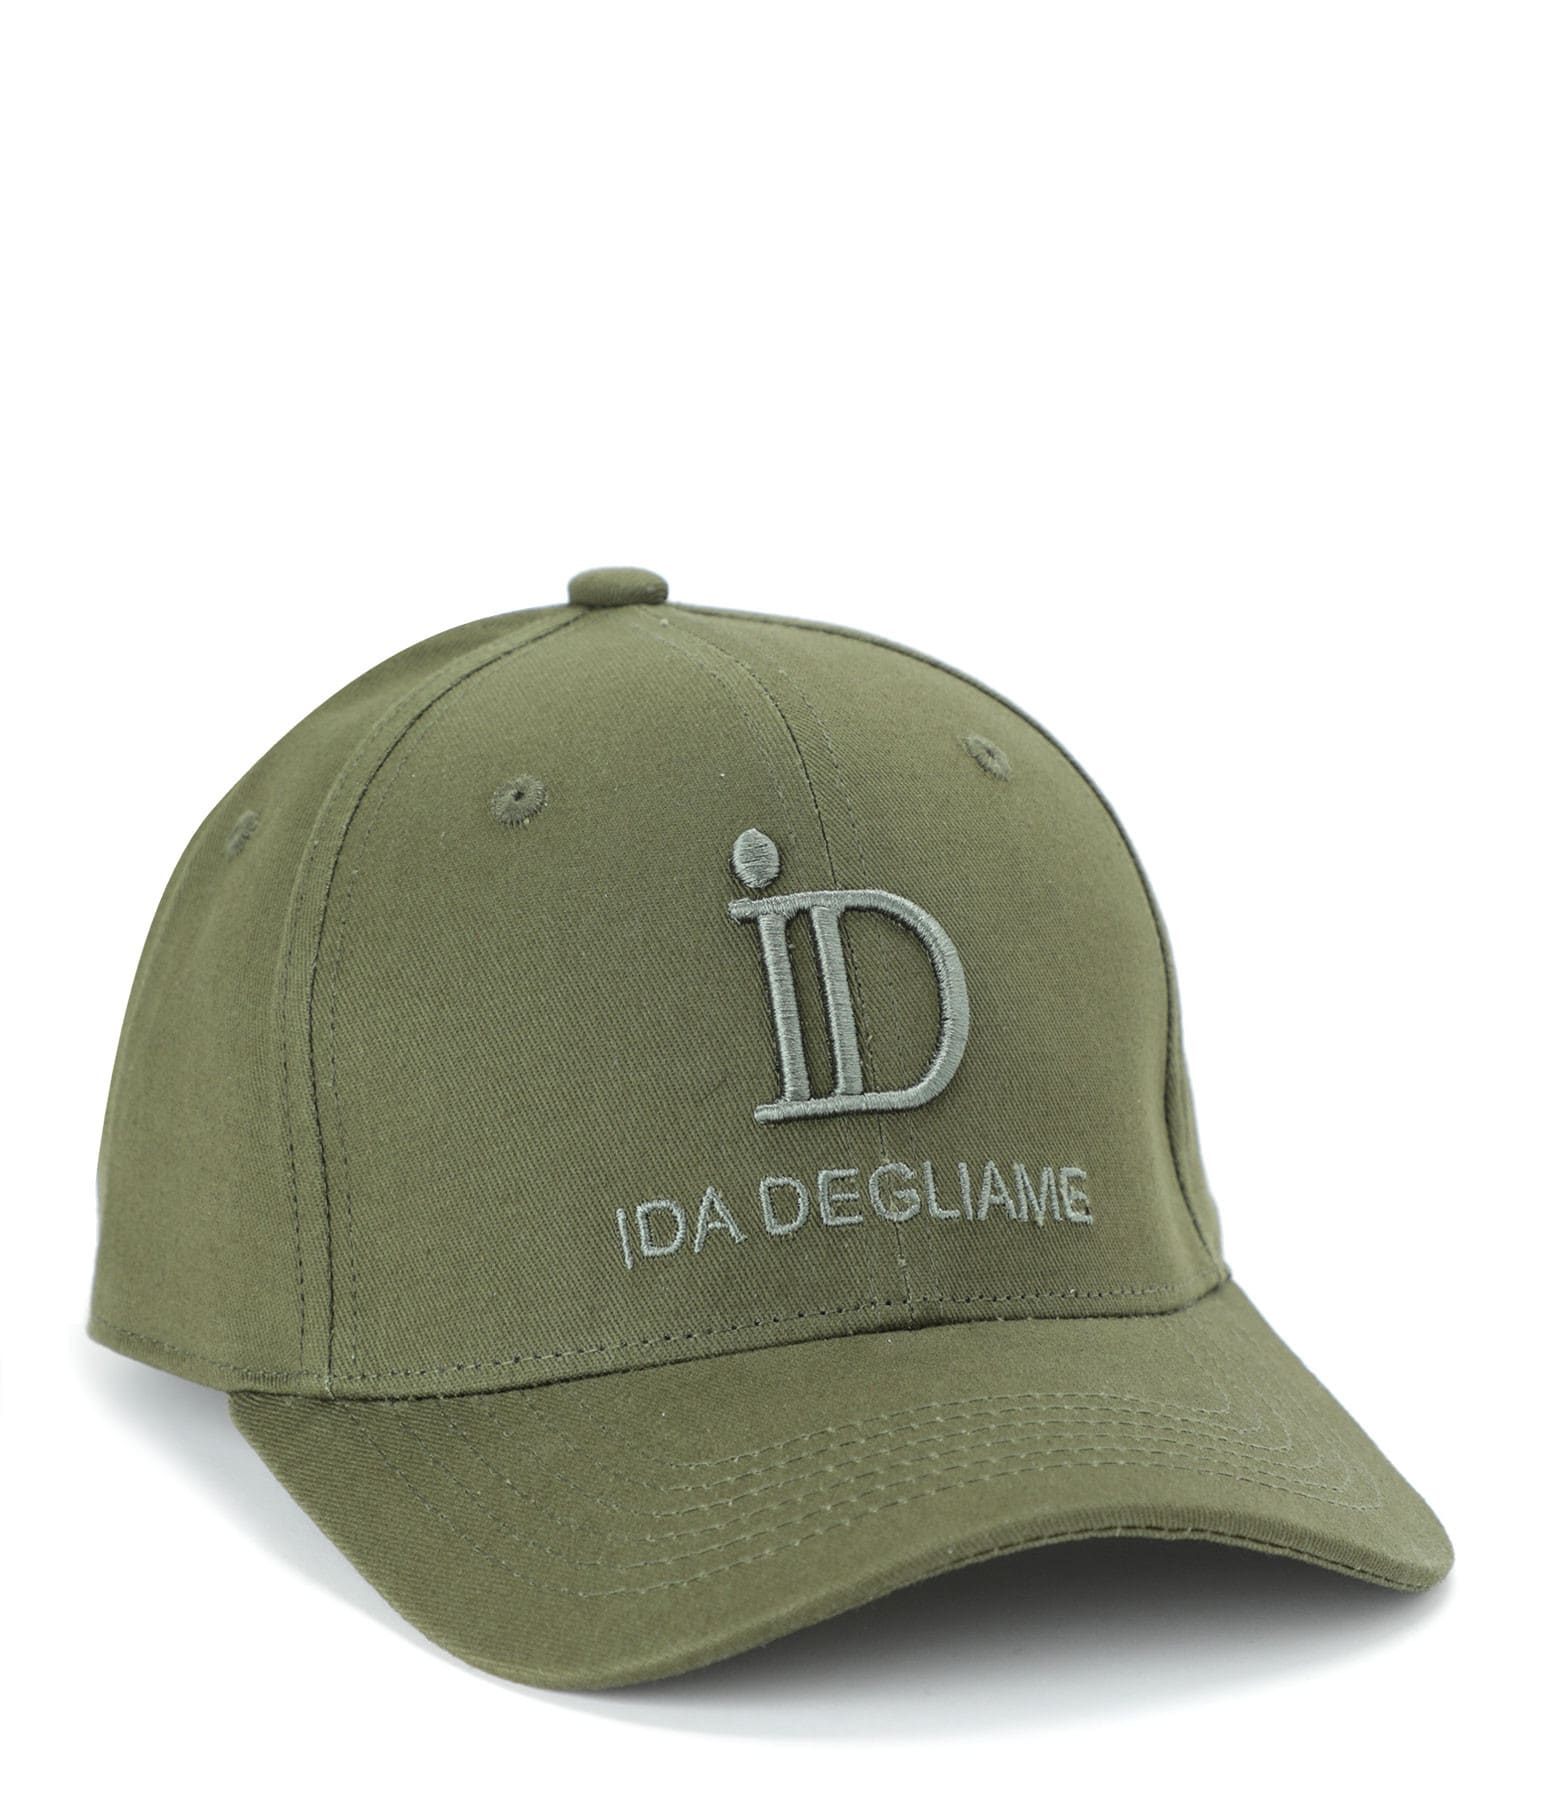 IDA DEGLIAME - Casquette ID Kaki